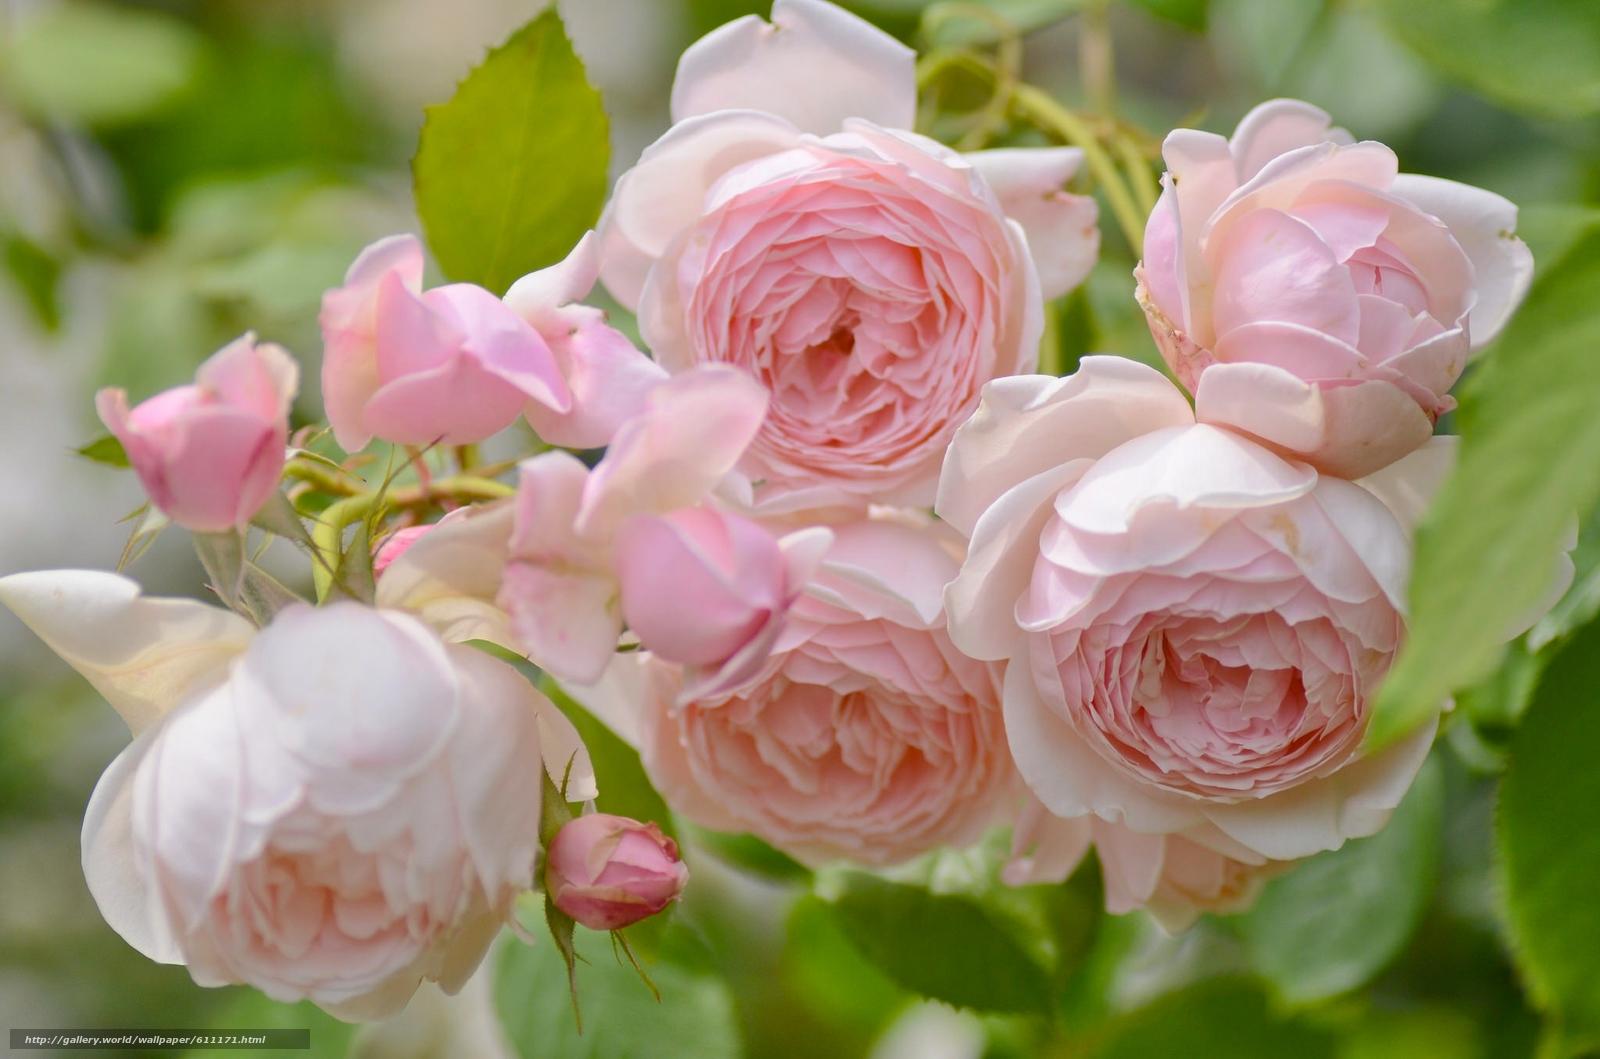 scaricare gli sfondi Roses,  GERMOGLI,  Macro,  tenerezza Sfondi gratis per la risoluzione del desktop 2048x1356 — immagine №611171